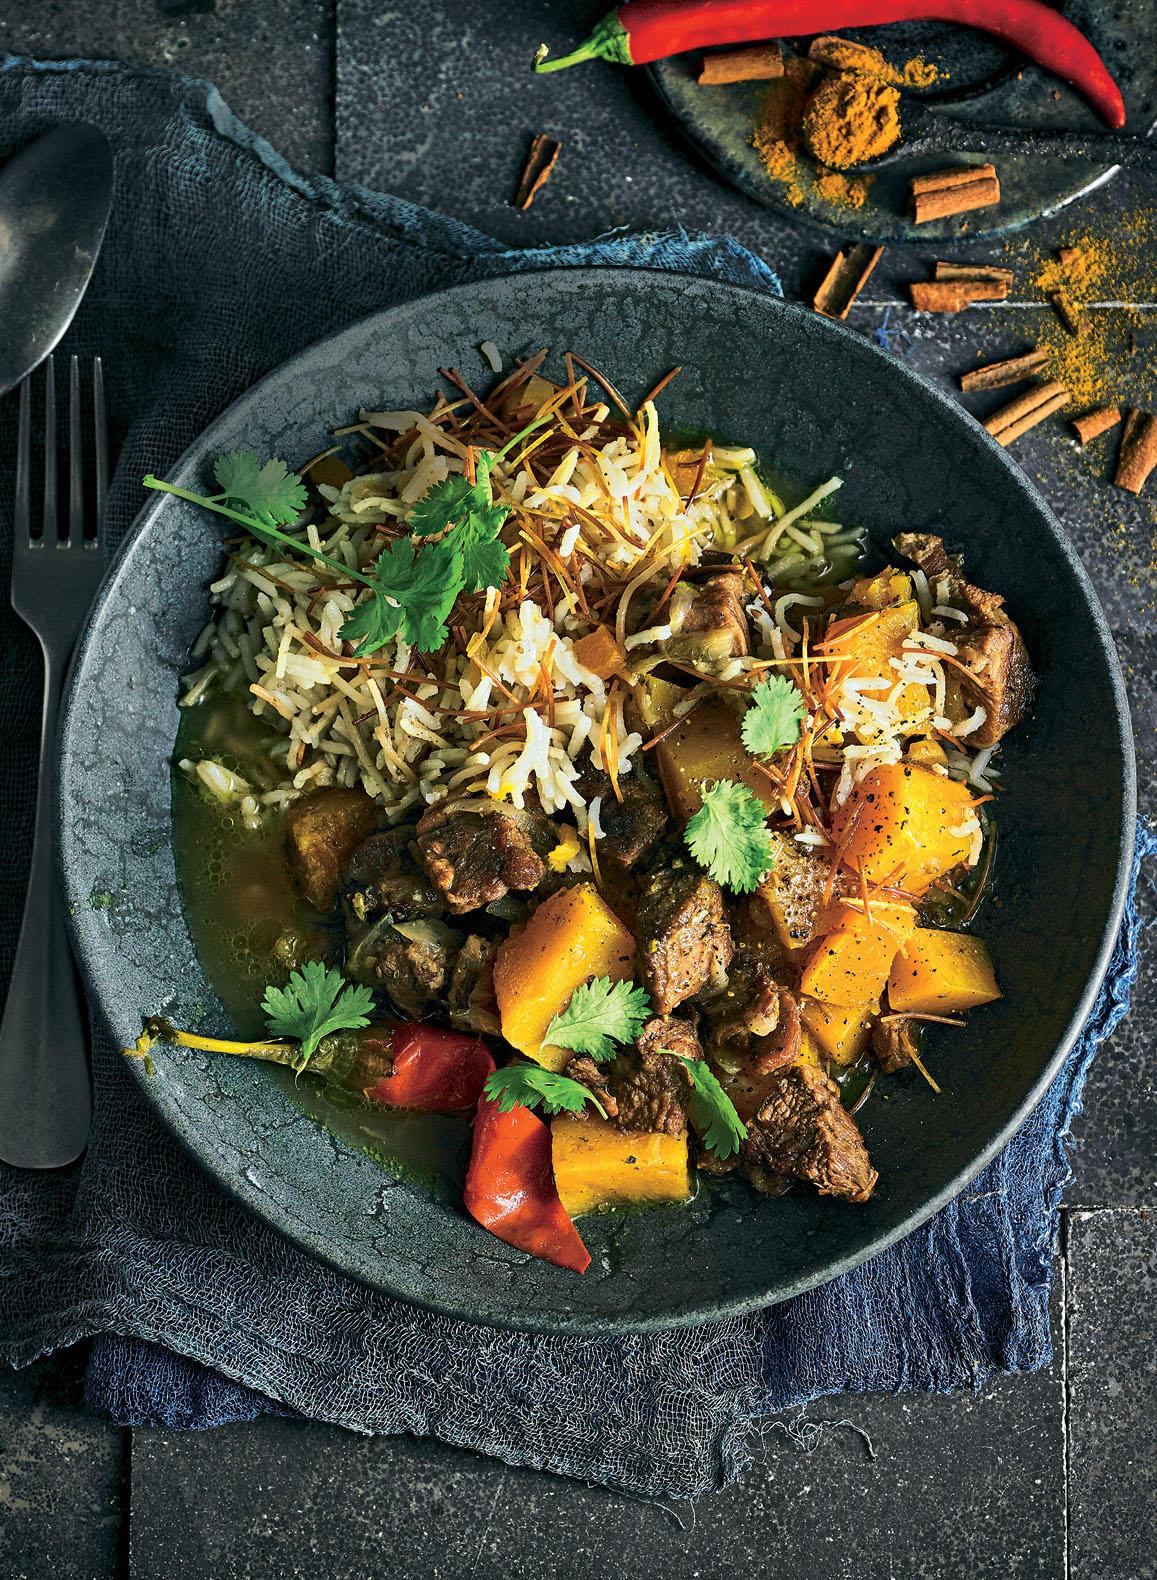 Orientalische Rezepte: Aromatische Gerichte